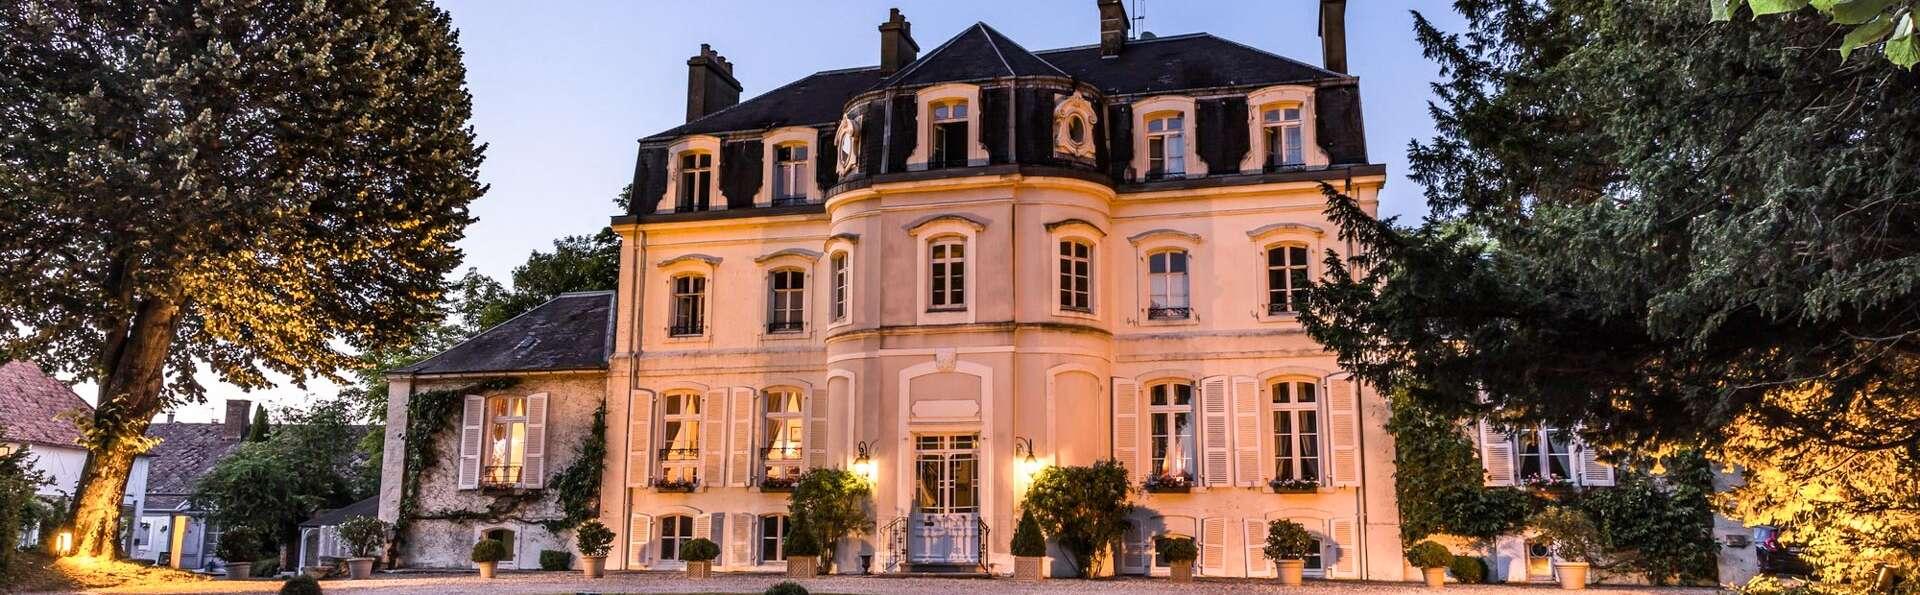 Romantisme et gourmandises avec dîner semi-gastronomique au Château (à partir de 2 nuits)